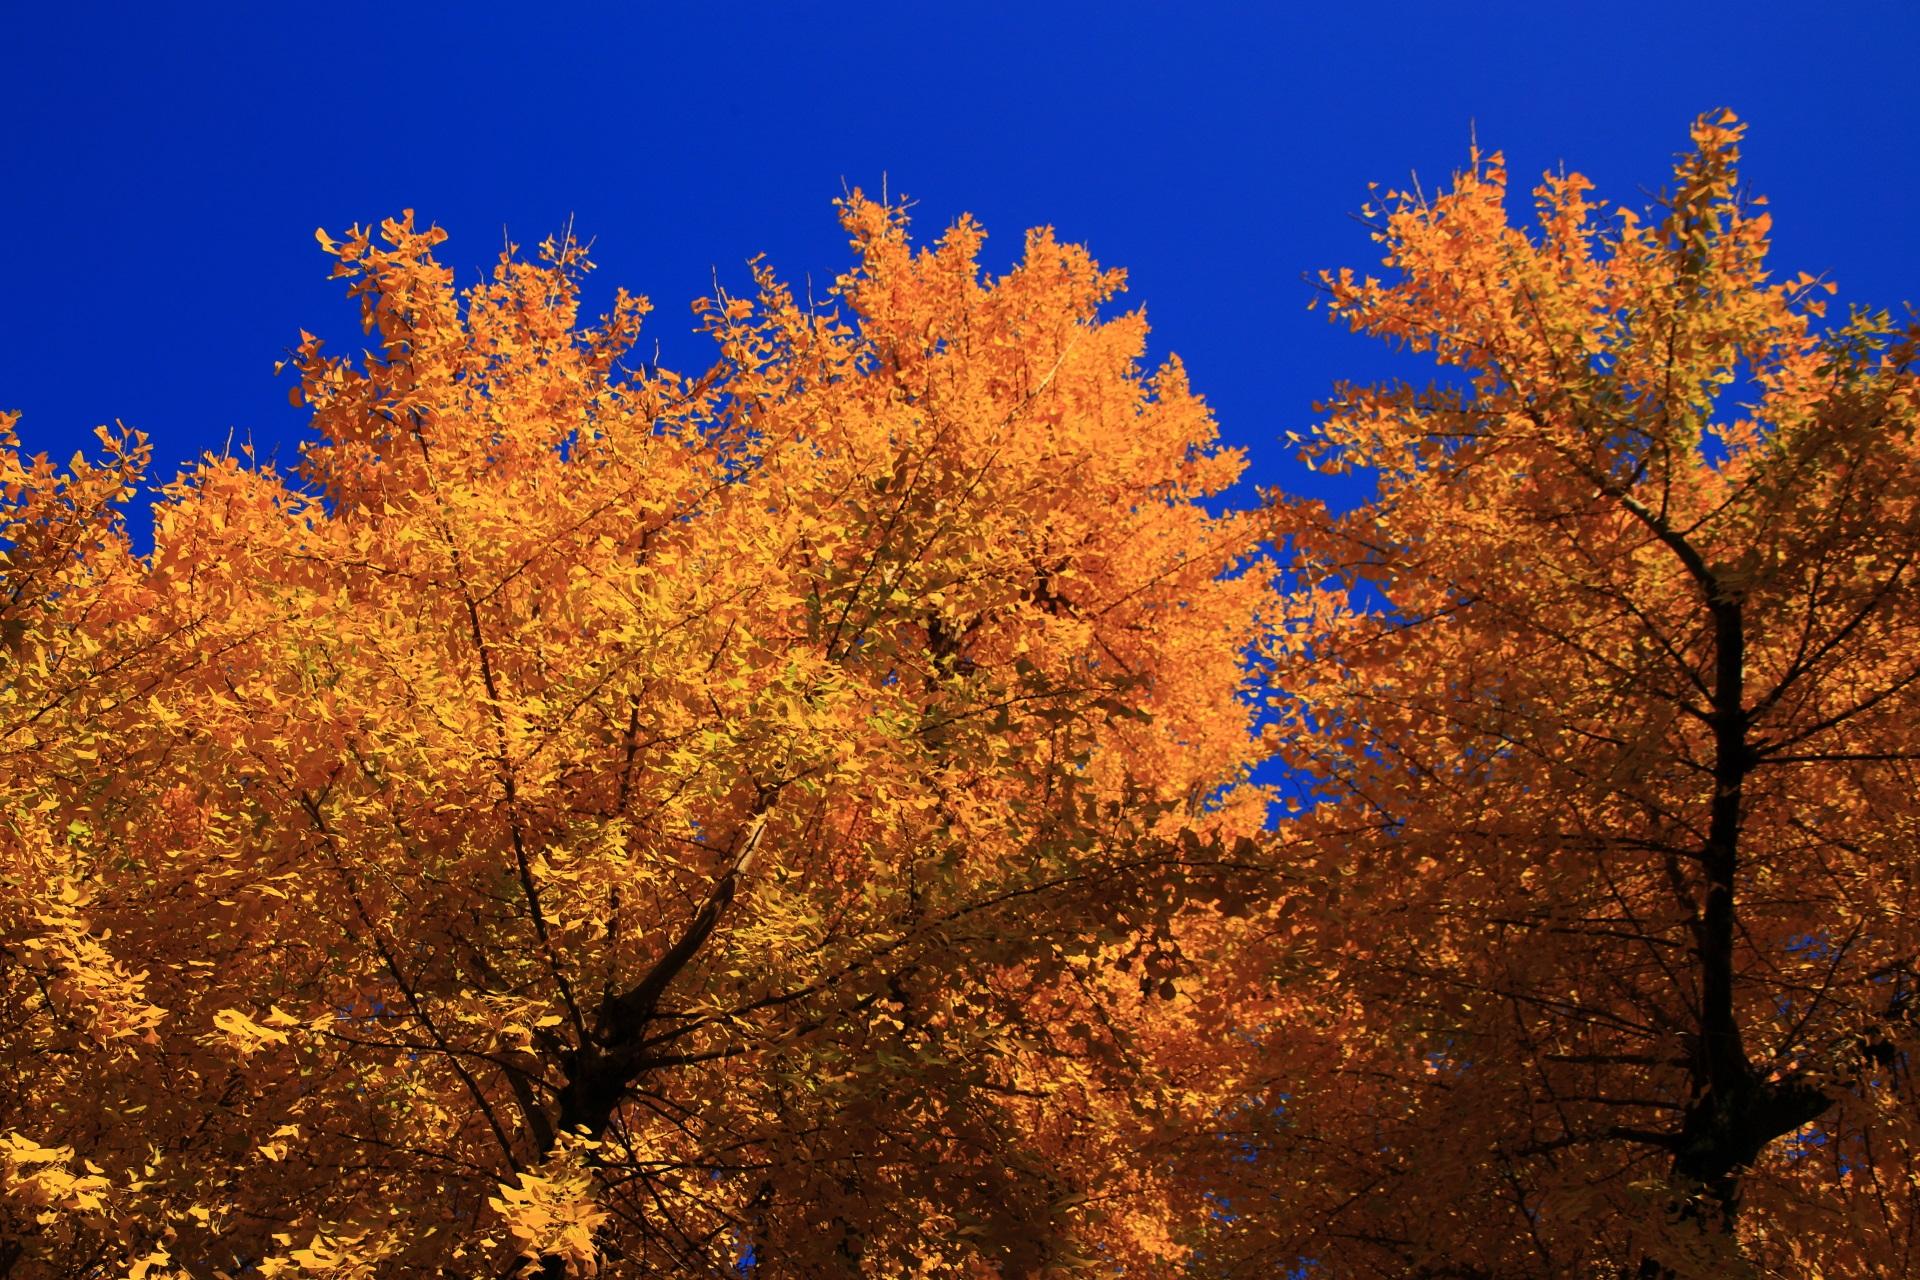 二条城の青空に輝く黄色い銀杏